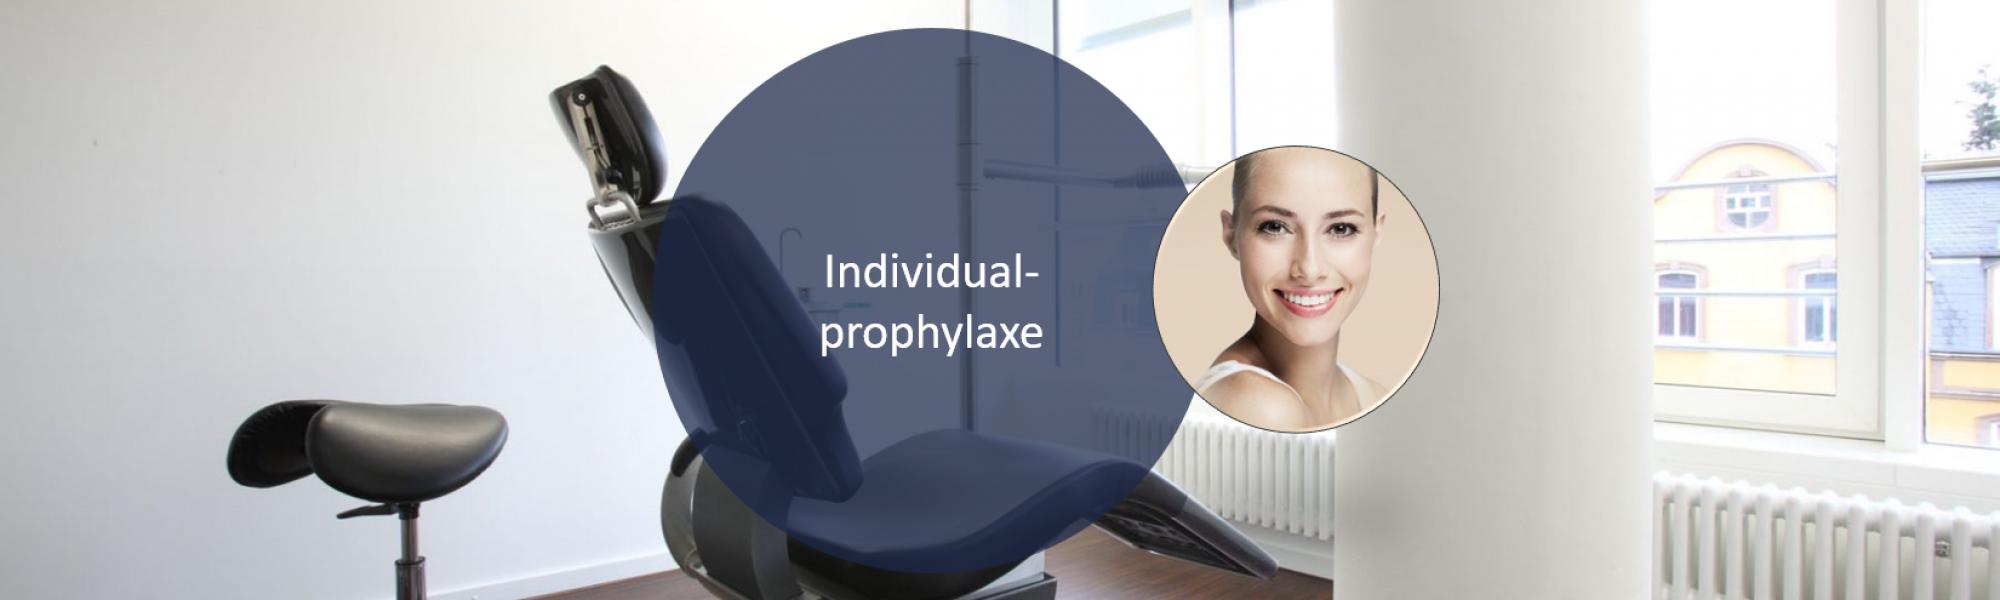 Individualprophylaxe durchführen bei Groisman & Laube in Frankfurt